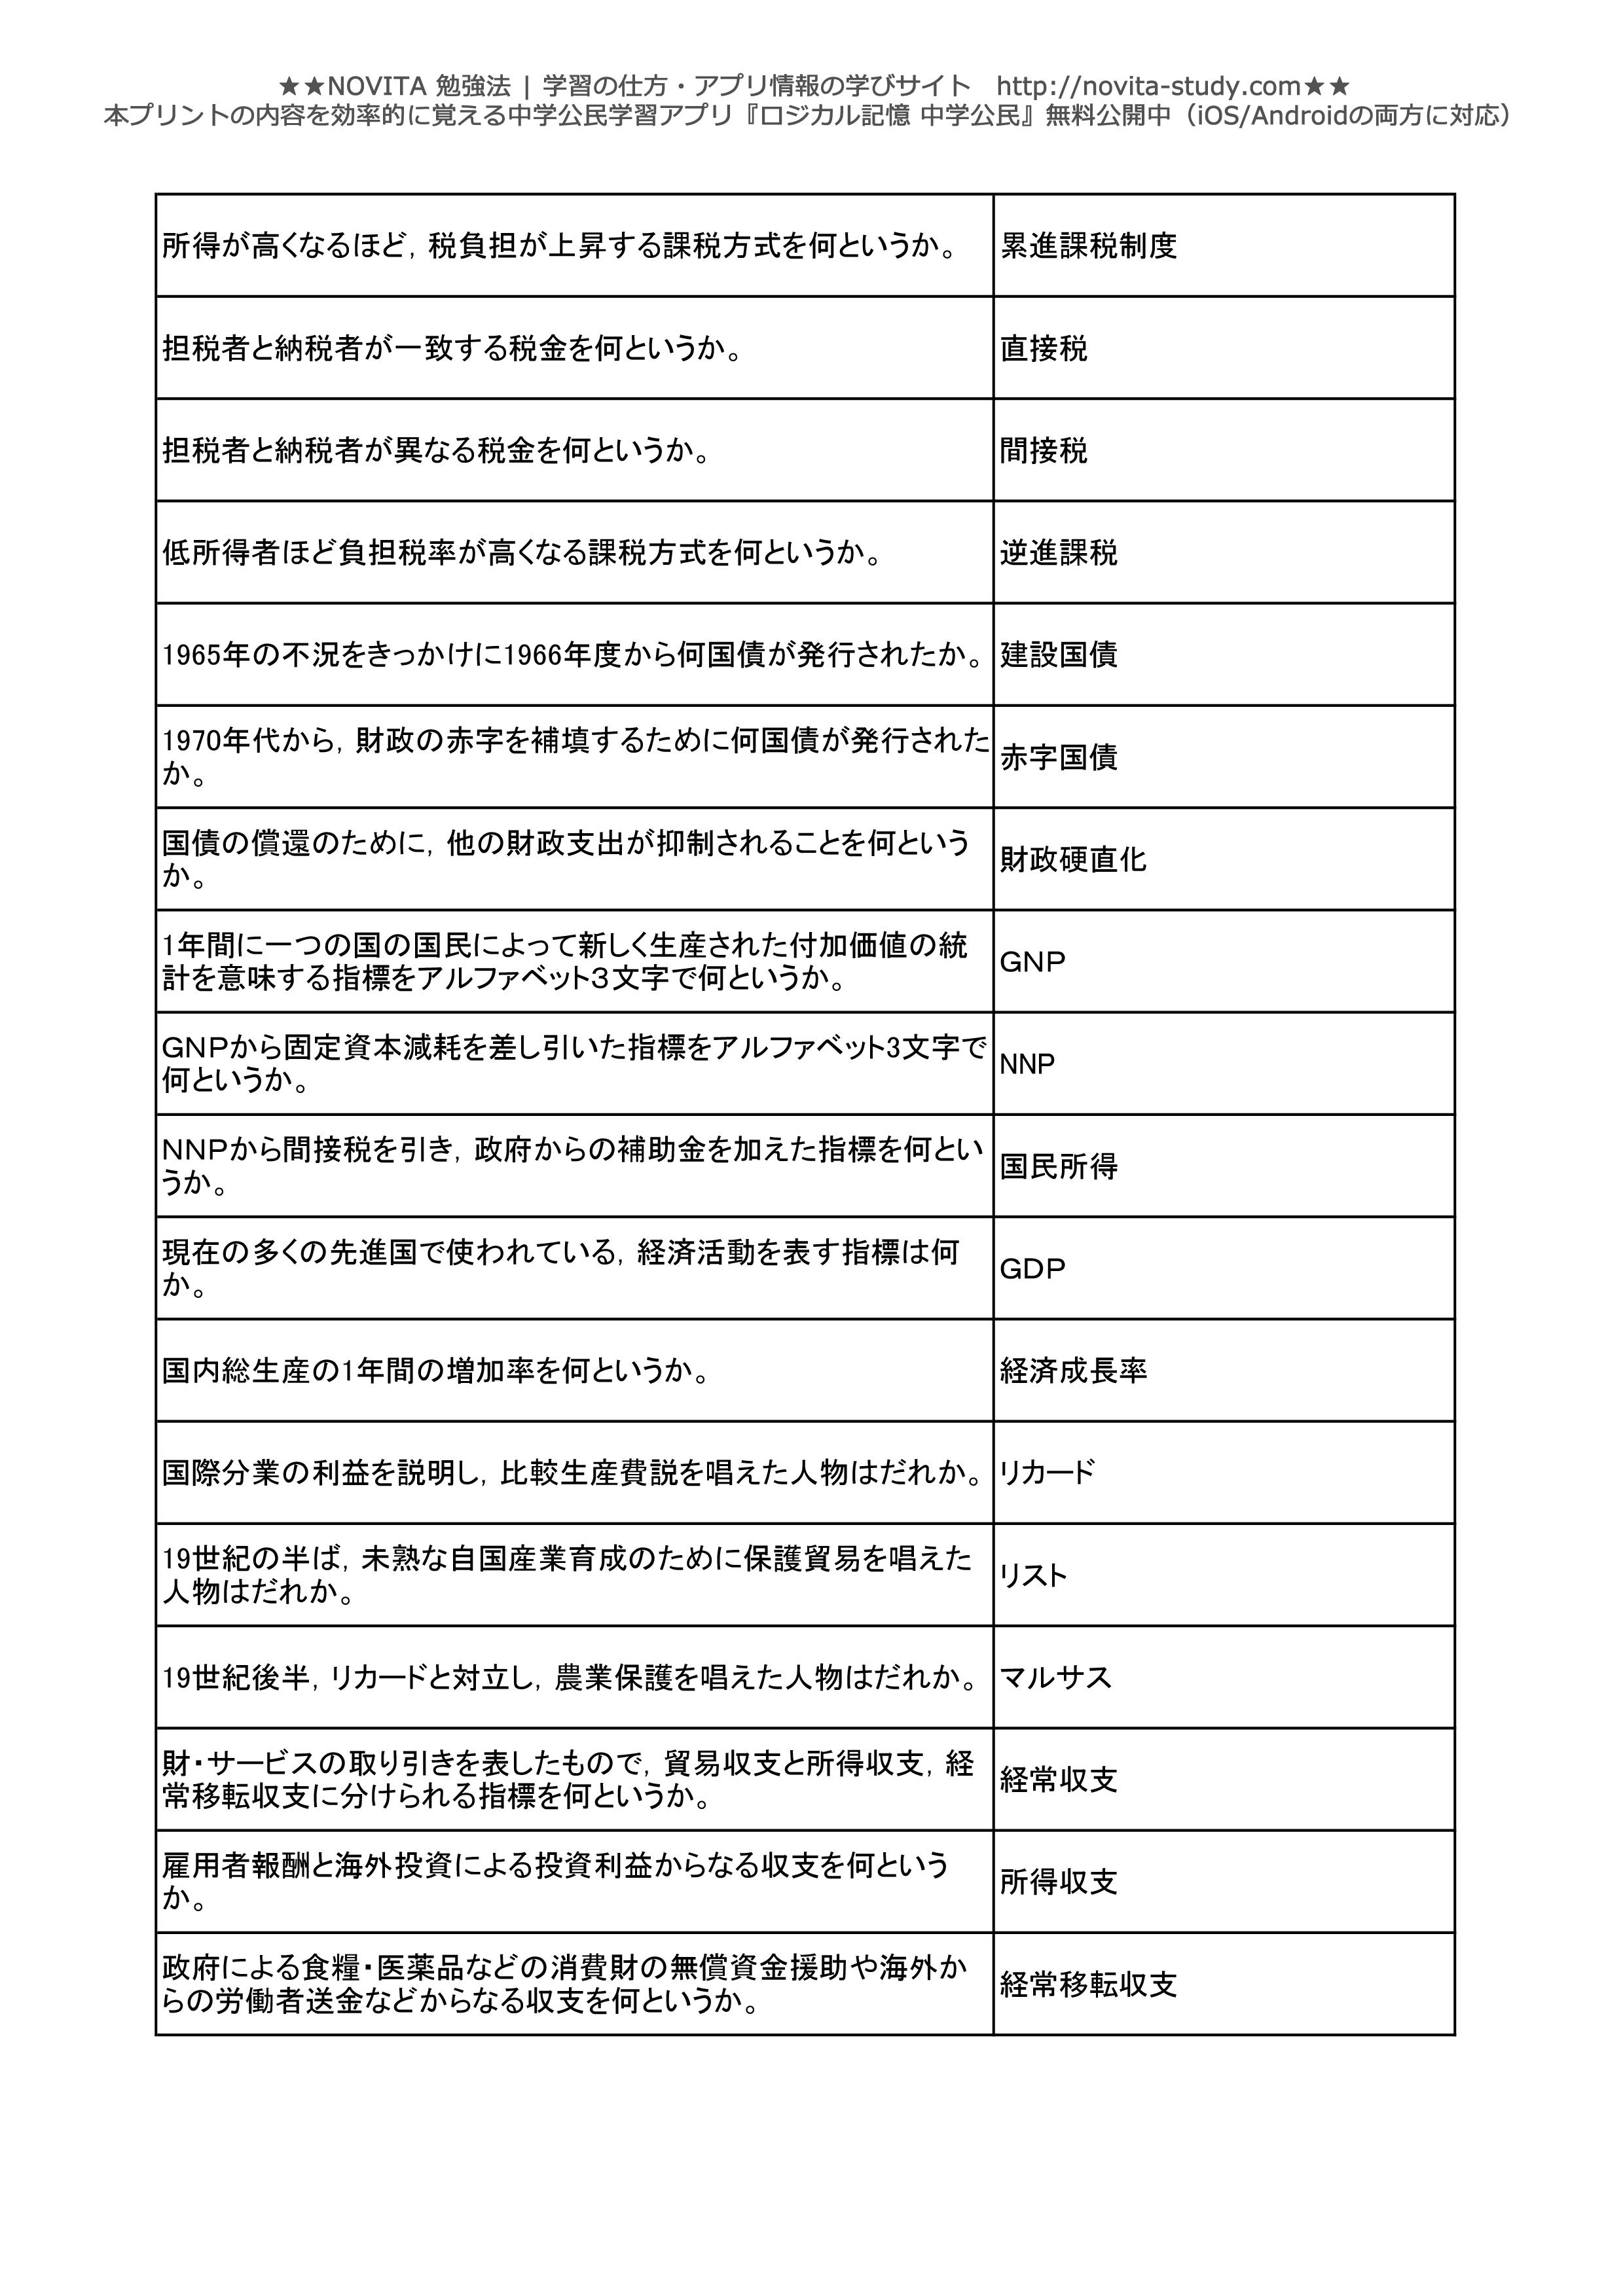 中学公民一問一答無料問題集-019